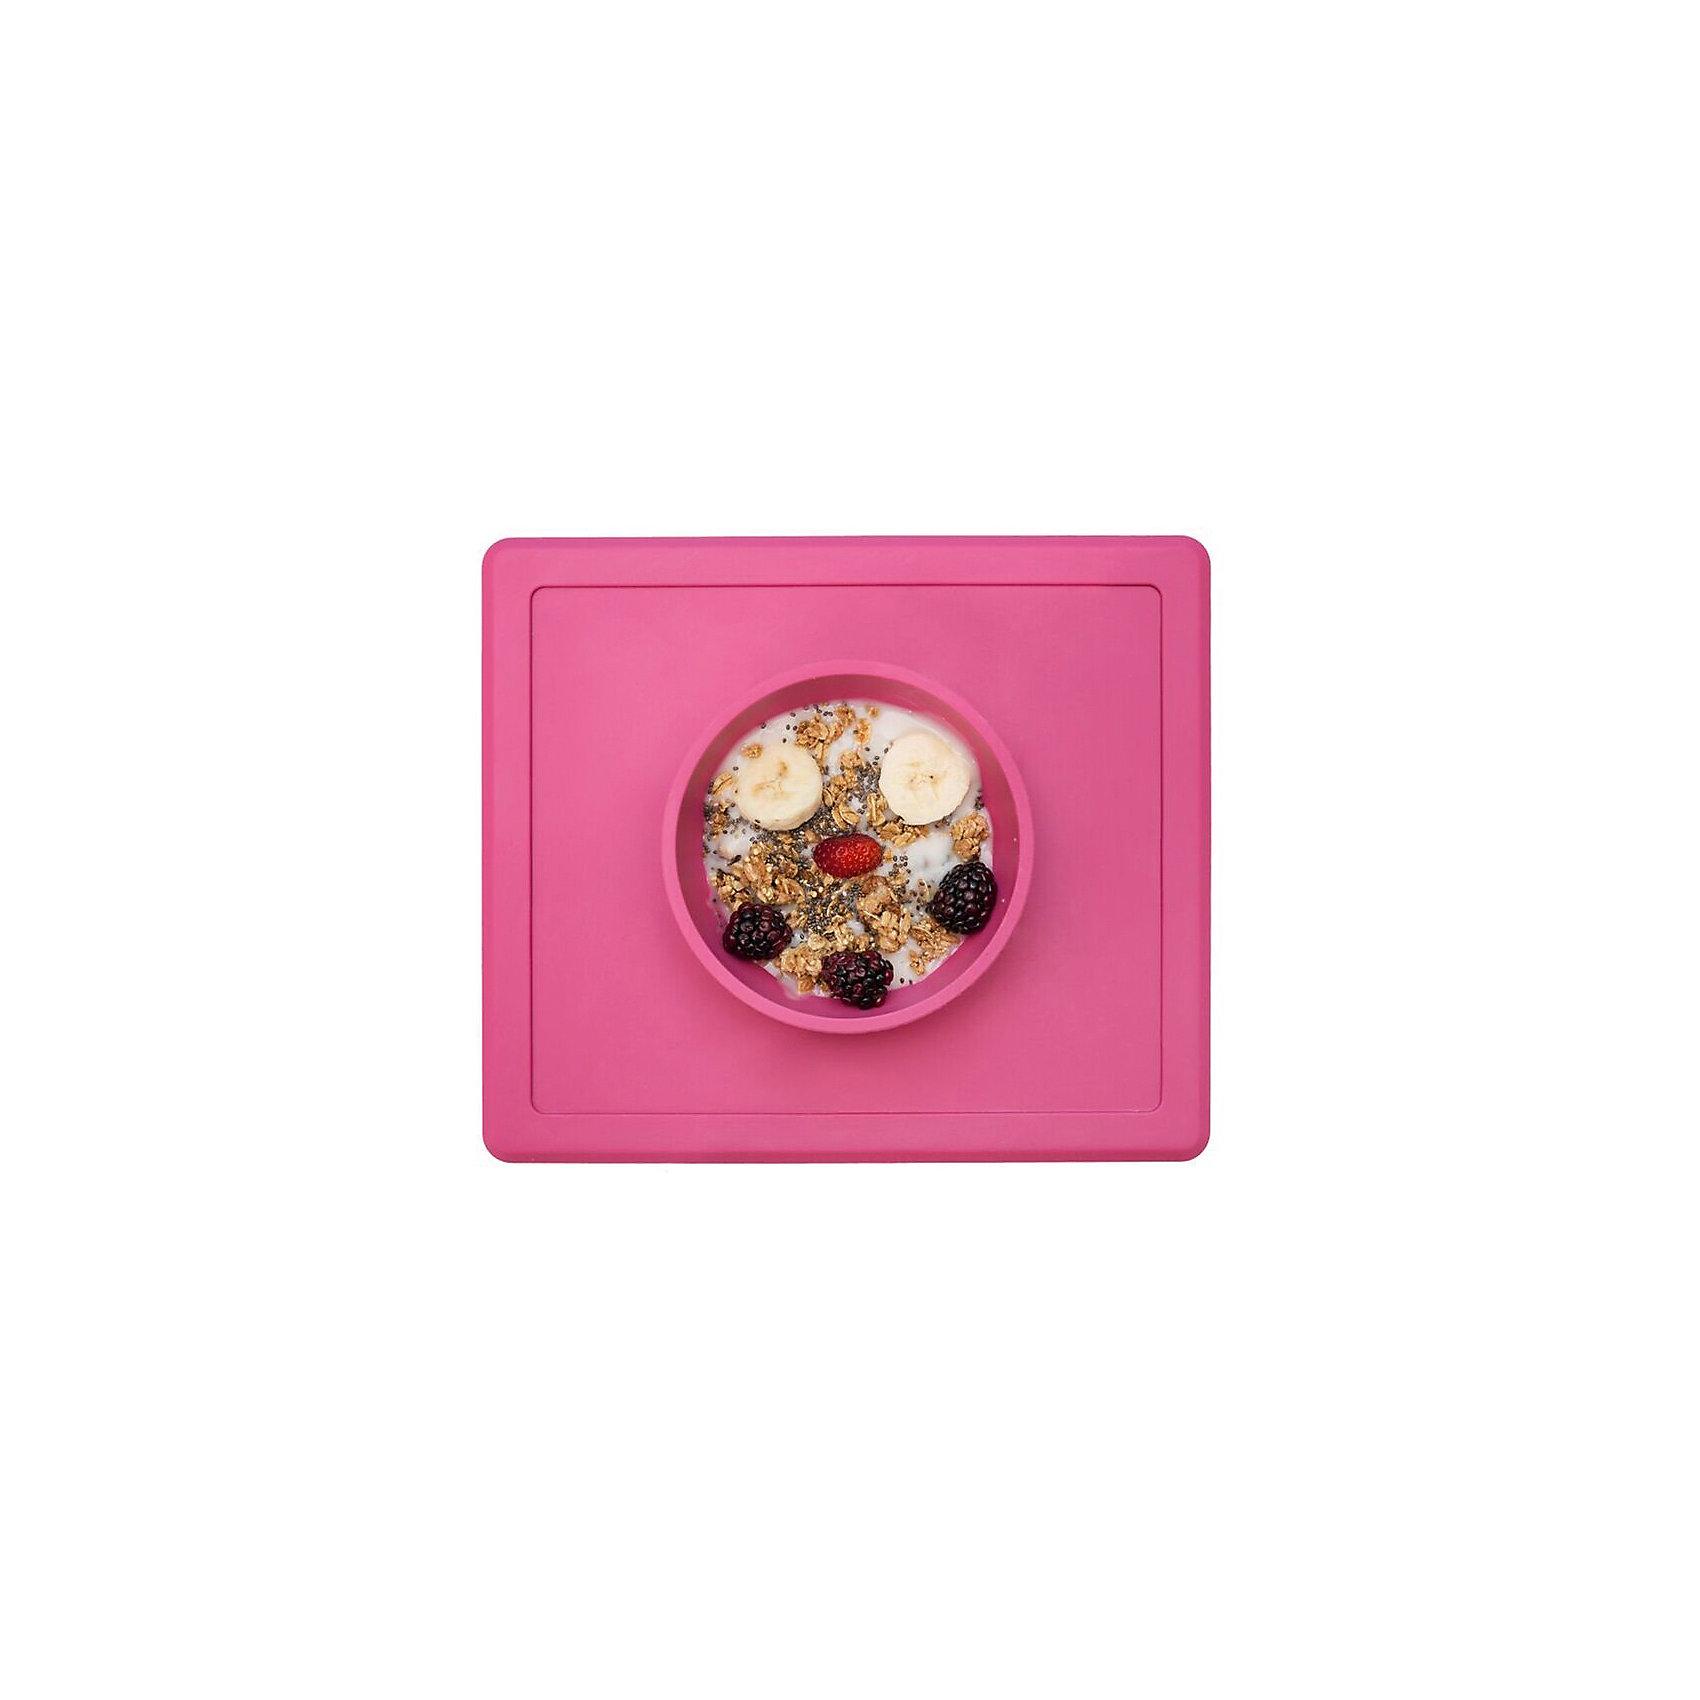 Тарелка глубокая с подставкой Happy Bowl, 240 мл., ezpz, розовыйПосуда для малышей<br>Тарелка с подставкой Happy Bowl, ezpz, розовый.<br><br>Характеристики:<br>• изготовлена из качественного пищевого силикона<br>• не содержит бисфенол, свинец, фталаты и ПВХ<br>• надежно прикрепляется к столу<br>• не имеет присосок<br>• сгибается по краям<br>• подходит для использования в посудомоечной машине и микроволновой печи<br>• состав: 100% силикон<br>• размер: 26,5х22,5х3,5 см<br>• объем: 240 мл<br>• цвет: розовый<br><br>Тарелка с подставкой Happy Bowl, ezpz отлично подойдет для детей, которые только учатся есть аккуратно. Вы можете налить ребенку суп в чашу и не бояться, что малыш прольет его, ведь тарелка надежно крепится к столу за счет своего веса. По краям мата вы сможете положить хлеб, чашку или столовые приборы. Тарелку можно греть в микроволновой печи и мыть в посудомоечной машине, что еще больше облегчает ее использование. <br><br>Тарелку с подставкой Happy Bowl, ezpz, розовый можно приобрести в нашем интернет-магазине.<br><br>Ширина мм: 260<br>Глубина мм: 35<br>Высота мм: 225<br>Вес г: 460<br>Возраст от месяцев: 0<br>Возраст до месяцев: 36<br>Пол: Унисекс<br>Возраст: Детский<br>SKU: 5068711